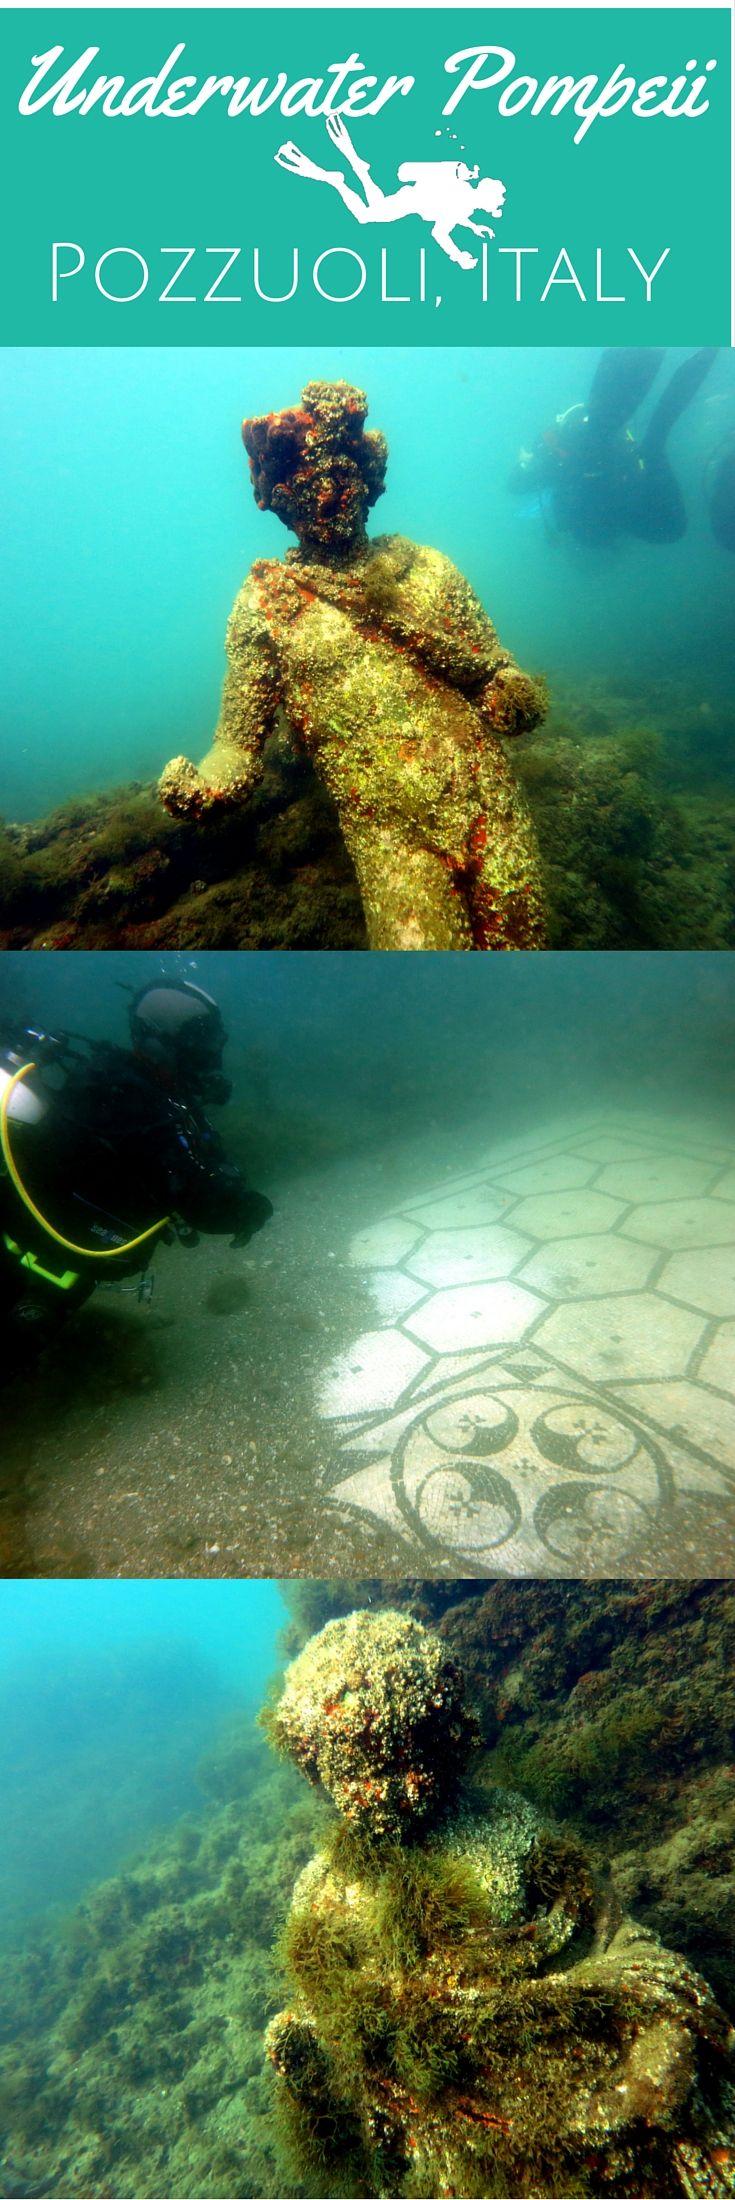 Dive In History: Underwater Pompeii In Pozzuoli, Italy